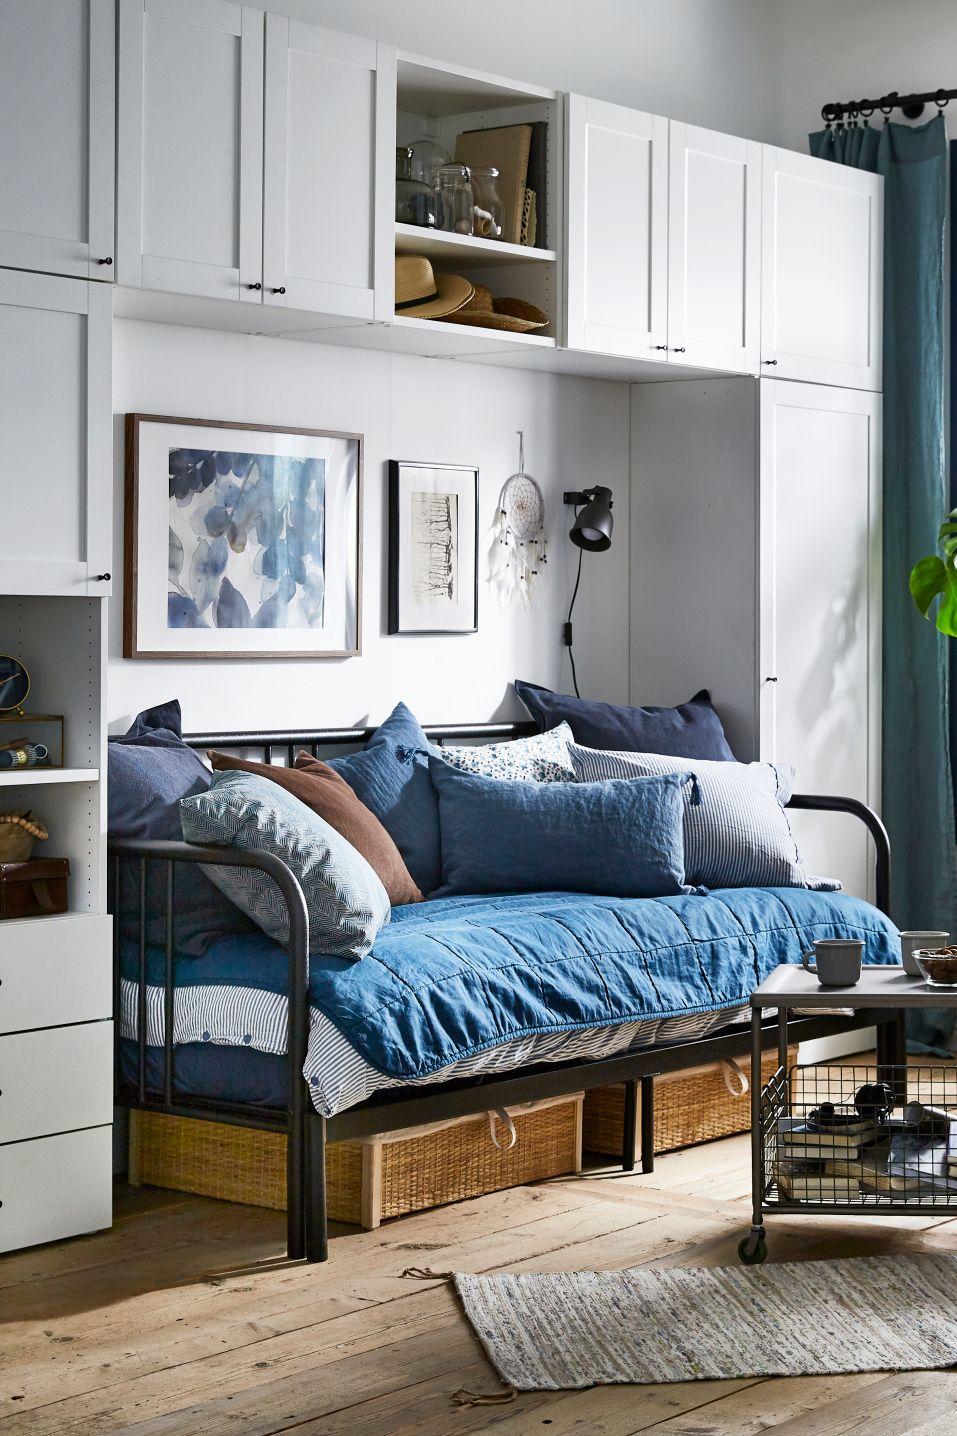 Ikea Deutschland Wenn Ein Kind Zum Jugendlichen Wird Verandern Sich Bedurfnisse Zimmer Einrichten Jugendzimmer Zimmer Einrichten Einzimmerwohnung Einrichten